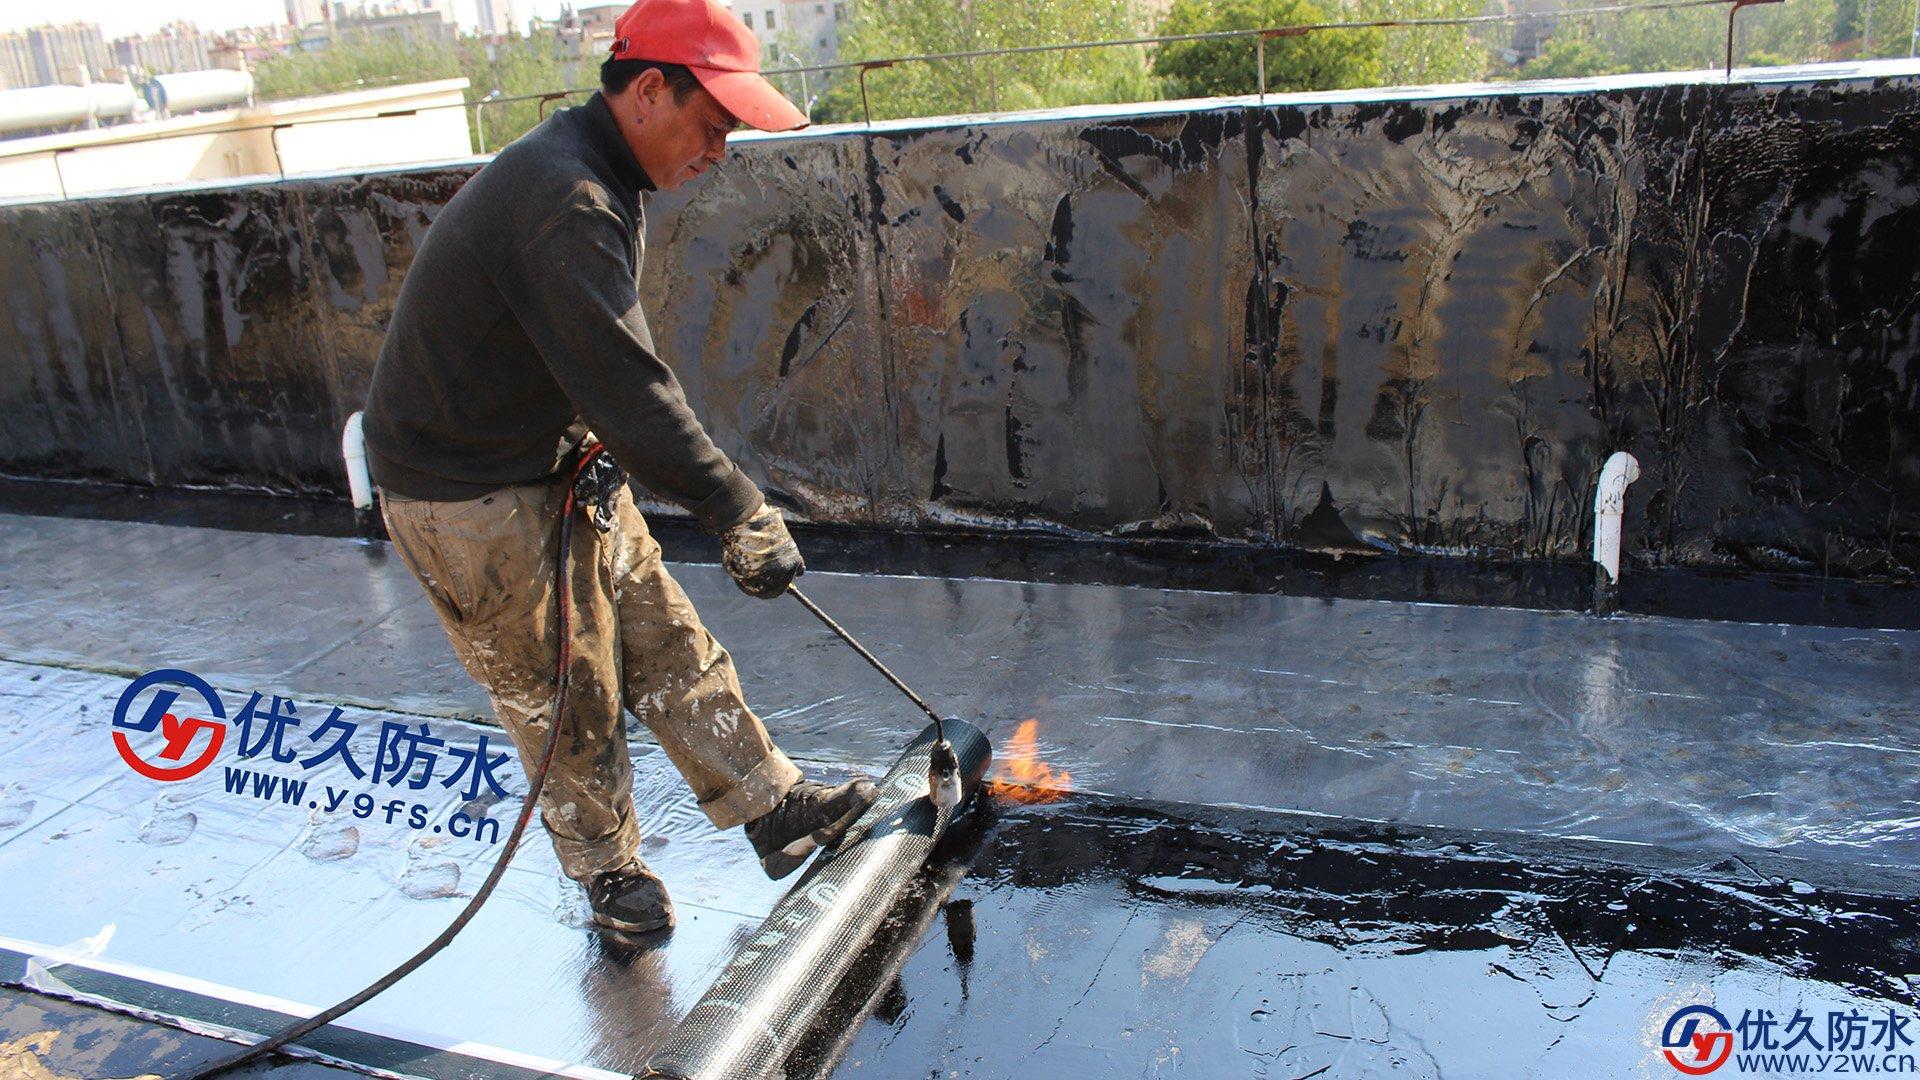 做屋顶sbs防水施工所用到的液化气喷火枪